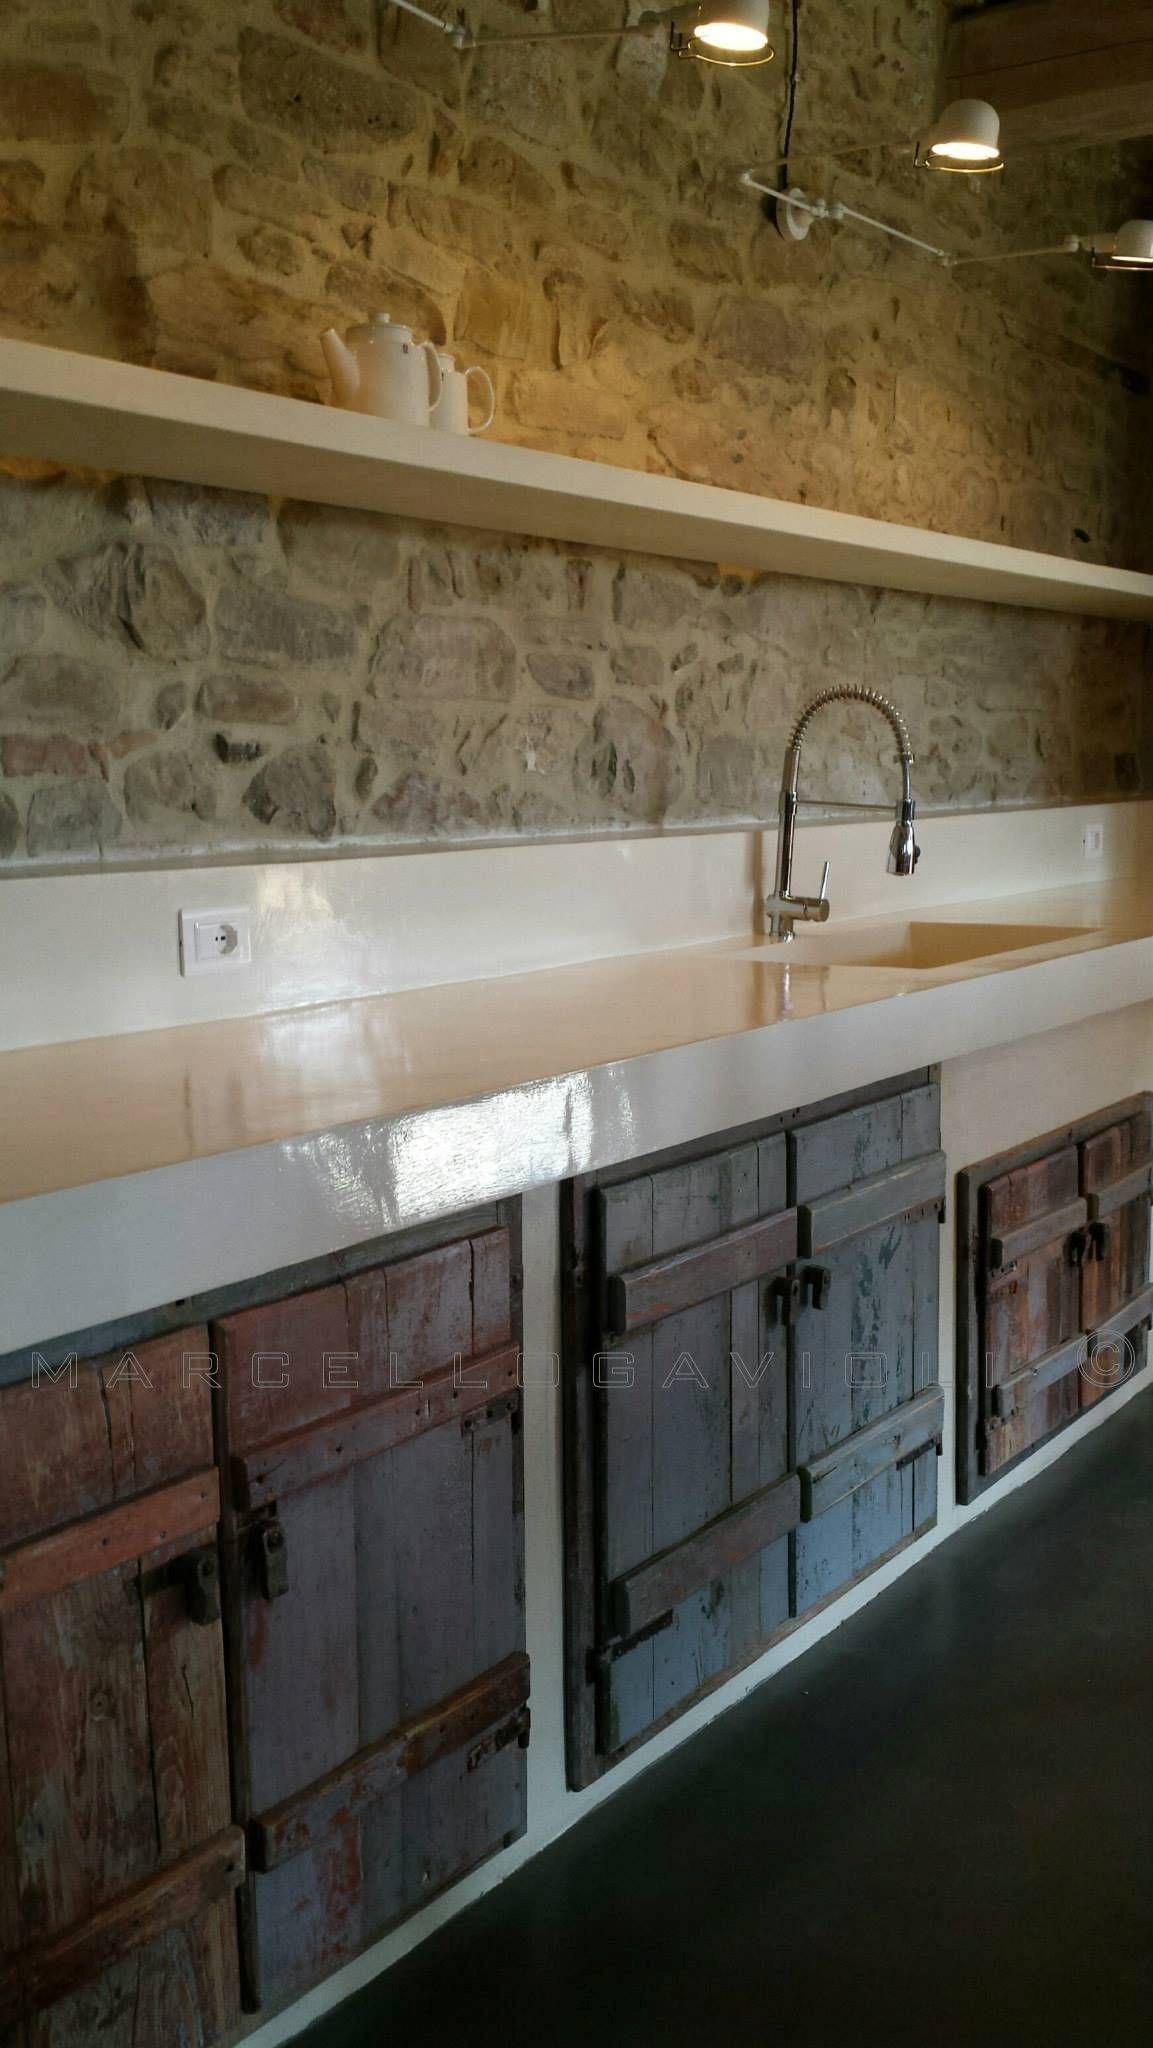 Biomalta ral 7010 grigio tenda cucina in stile rustico di ...